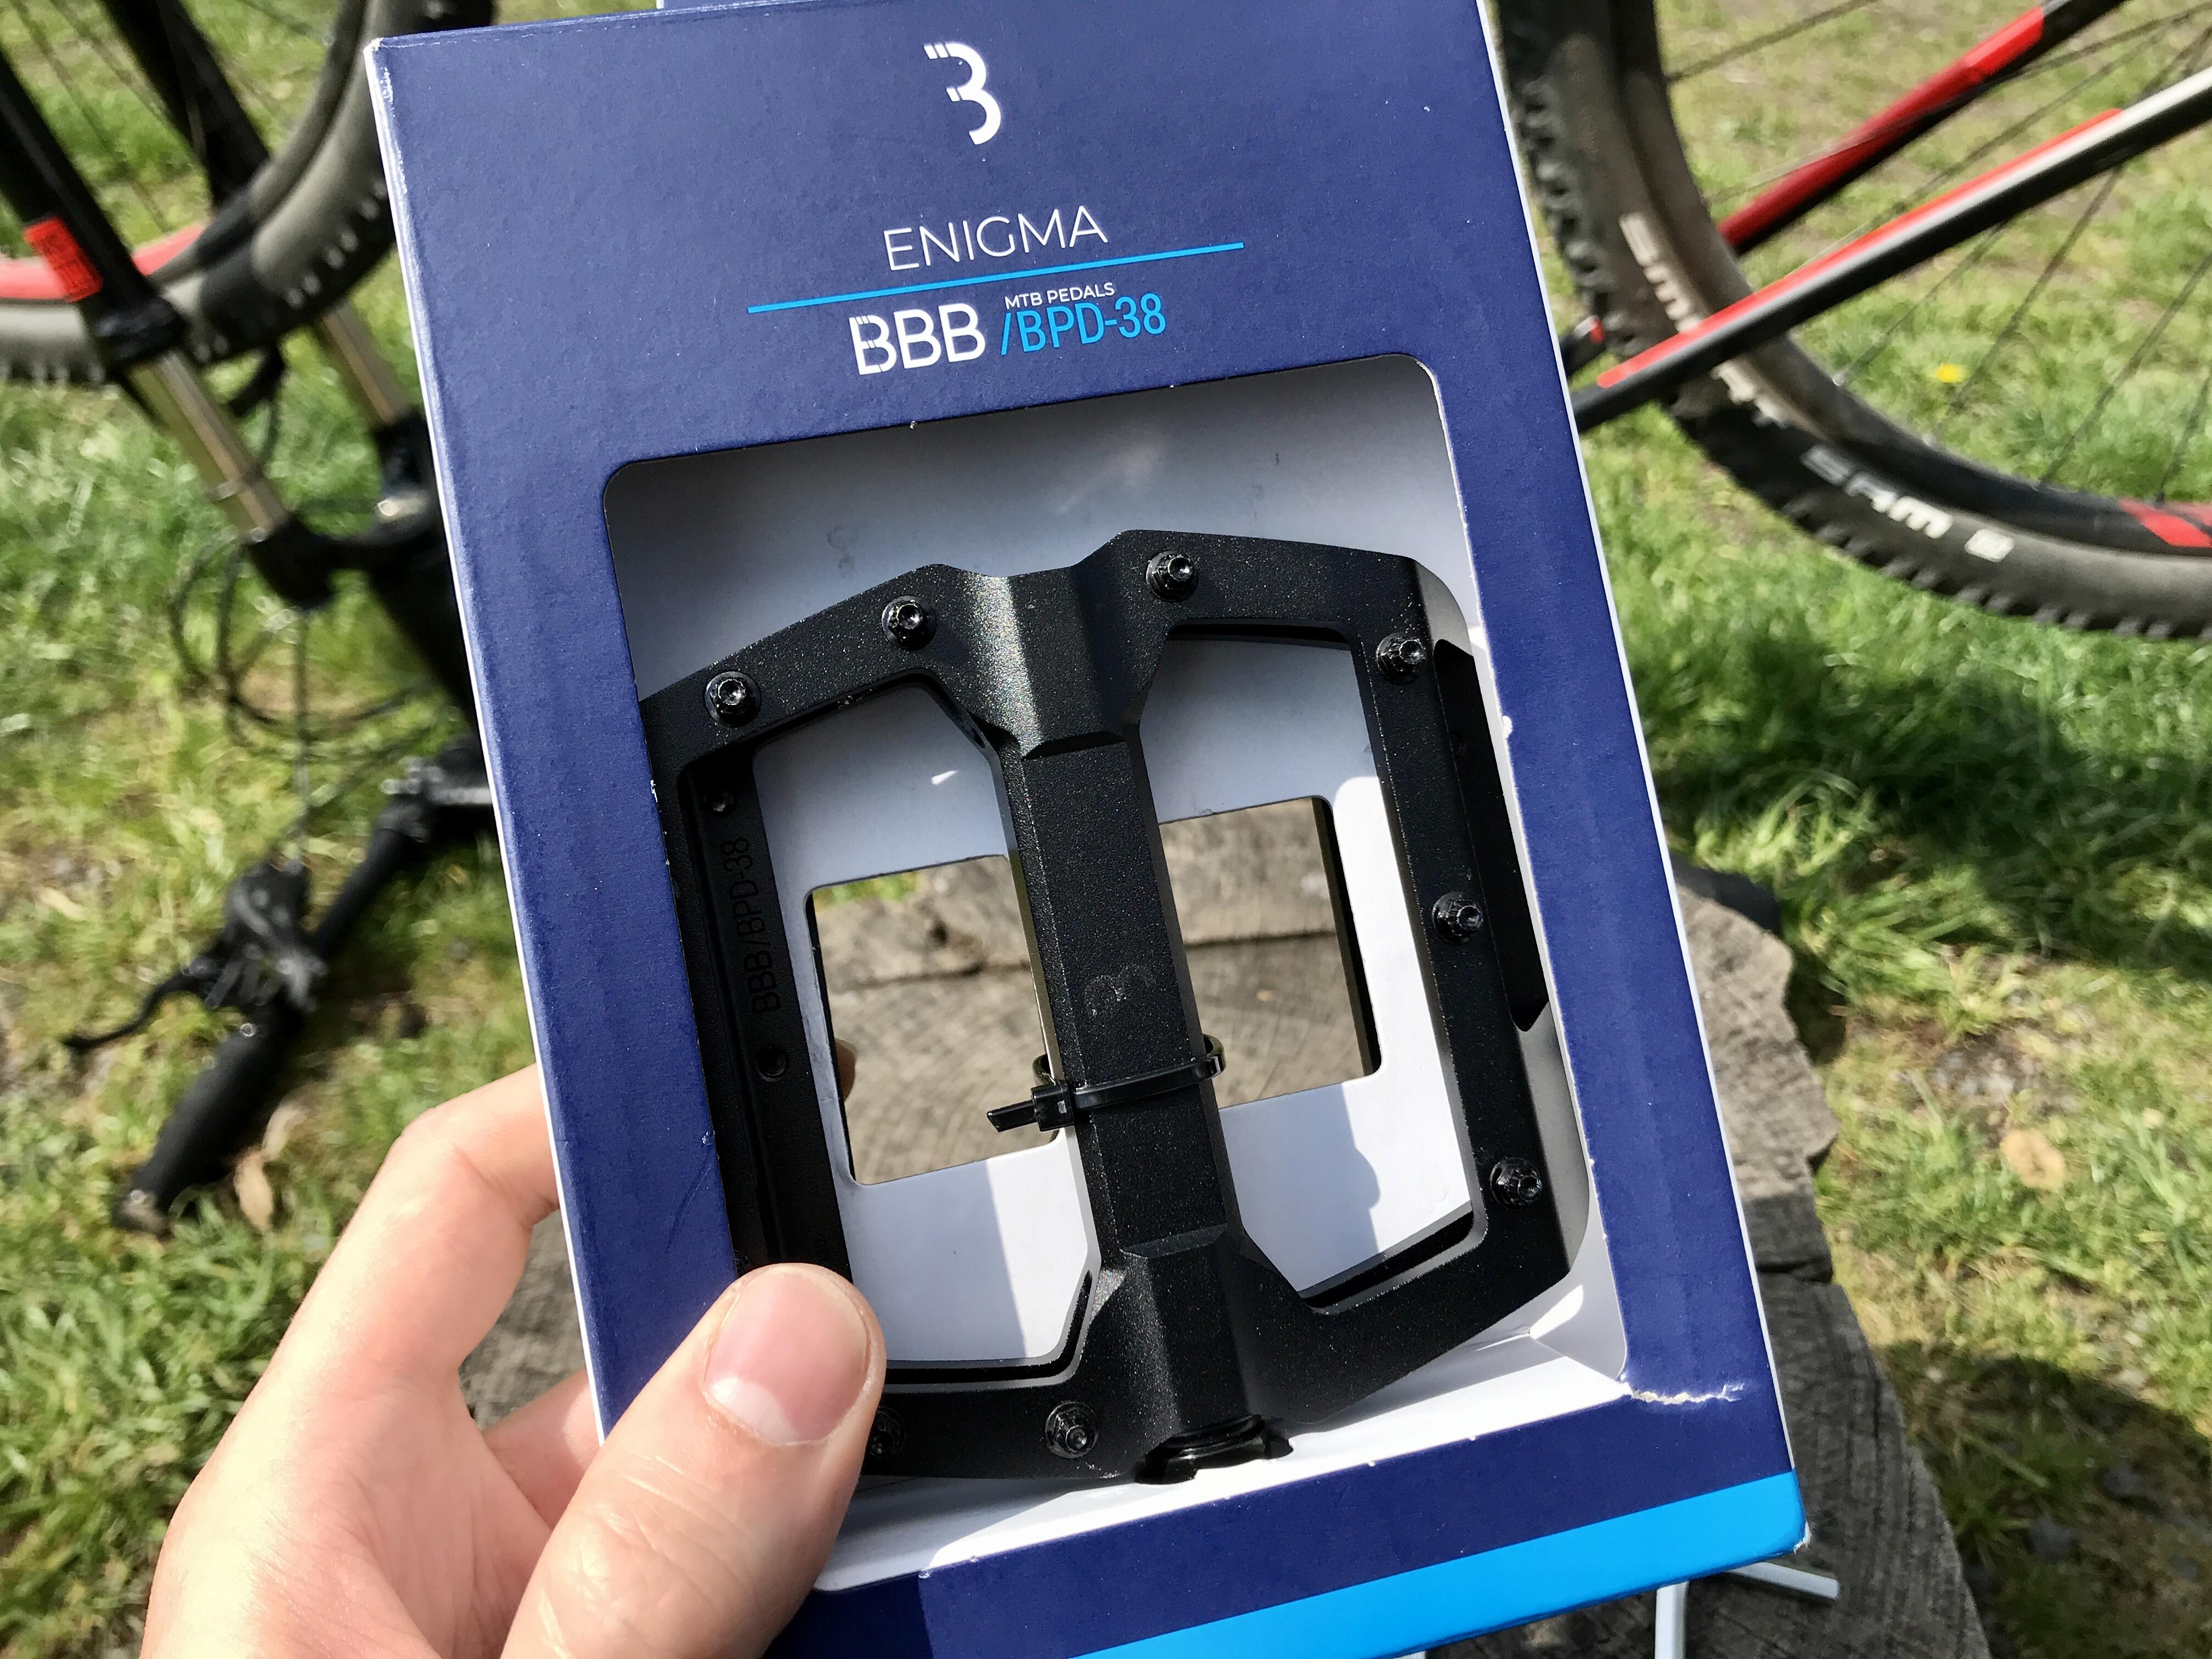 RECENZE: Nové platformy BBB Enigma? To nejlepší nejen na traily